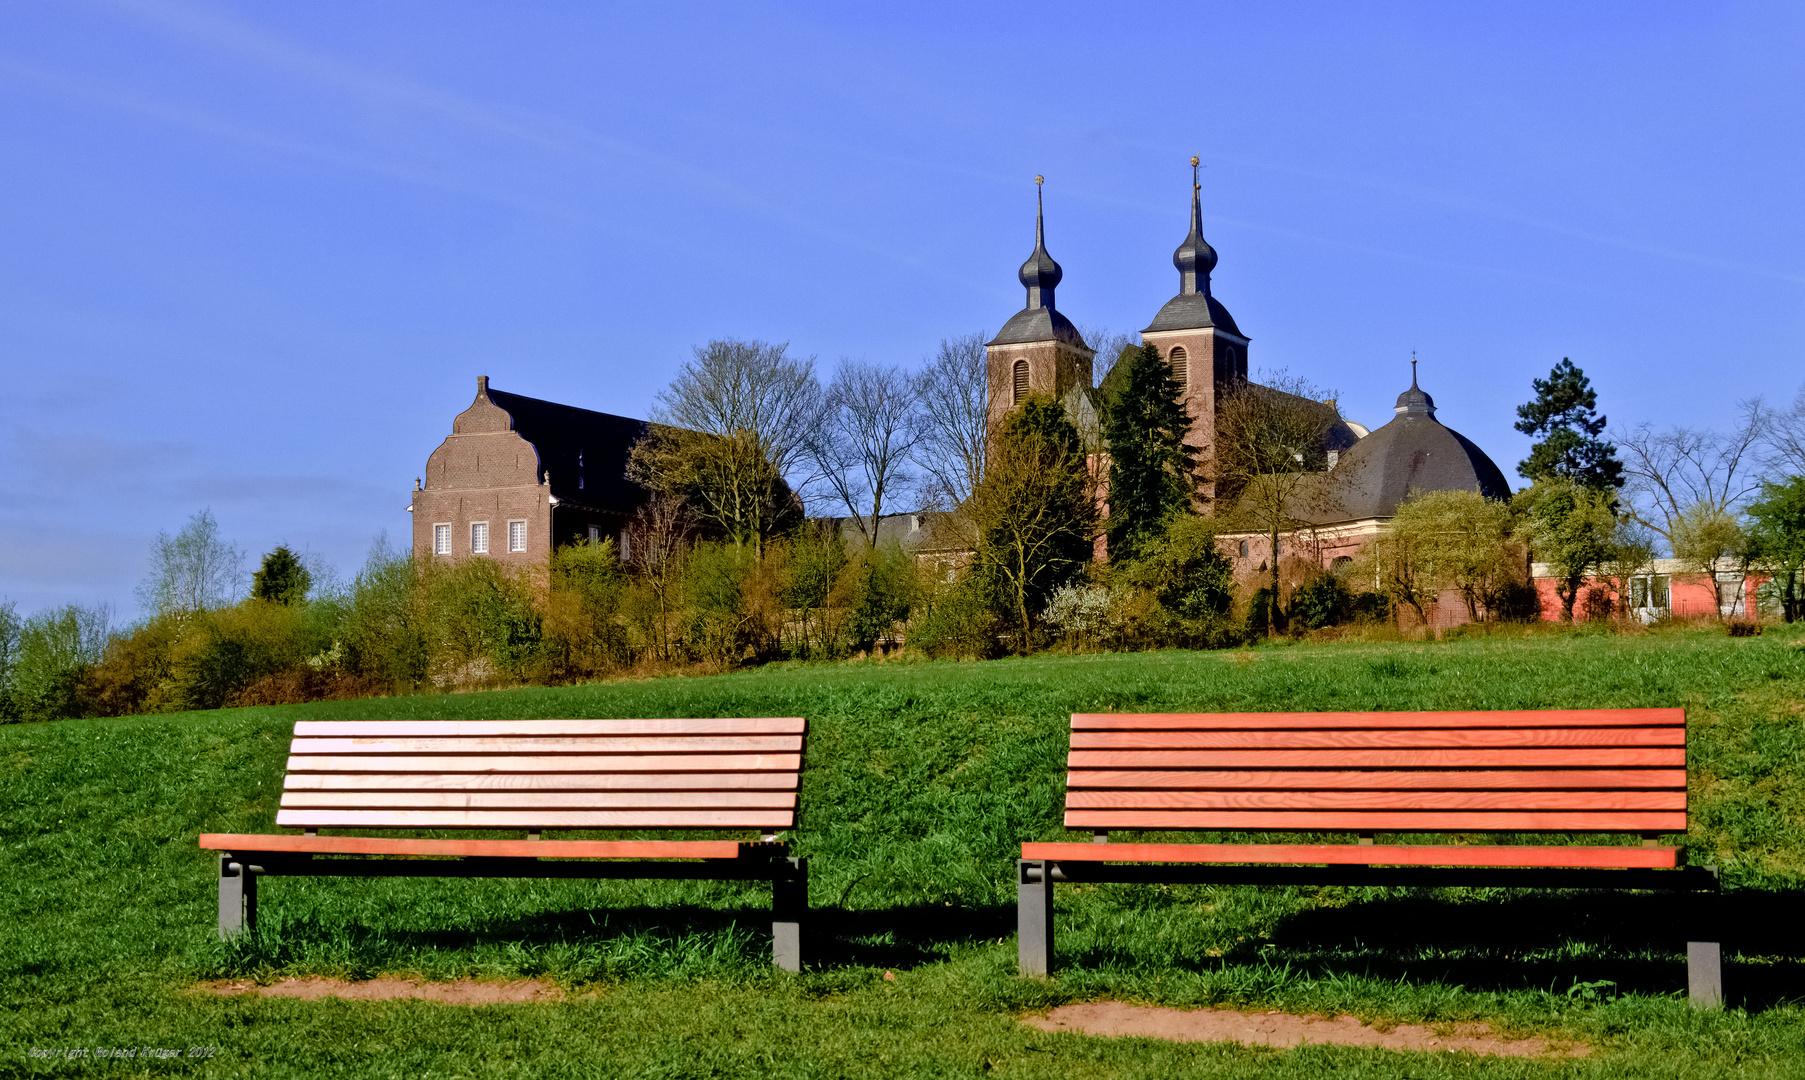 Kloster Kamp - Lintfort